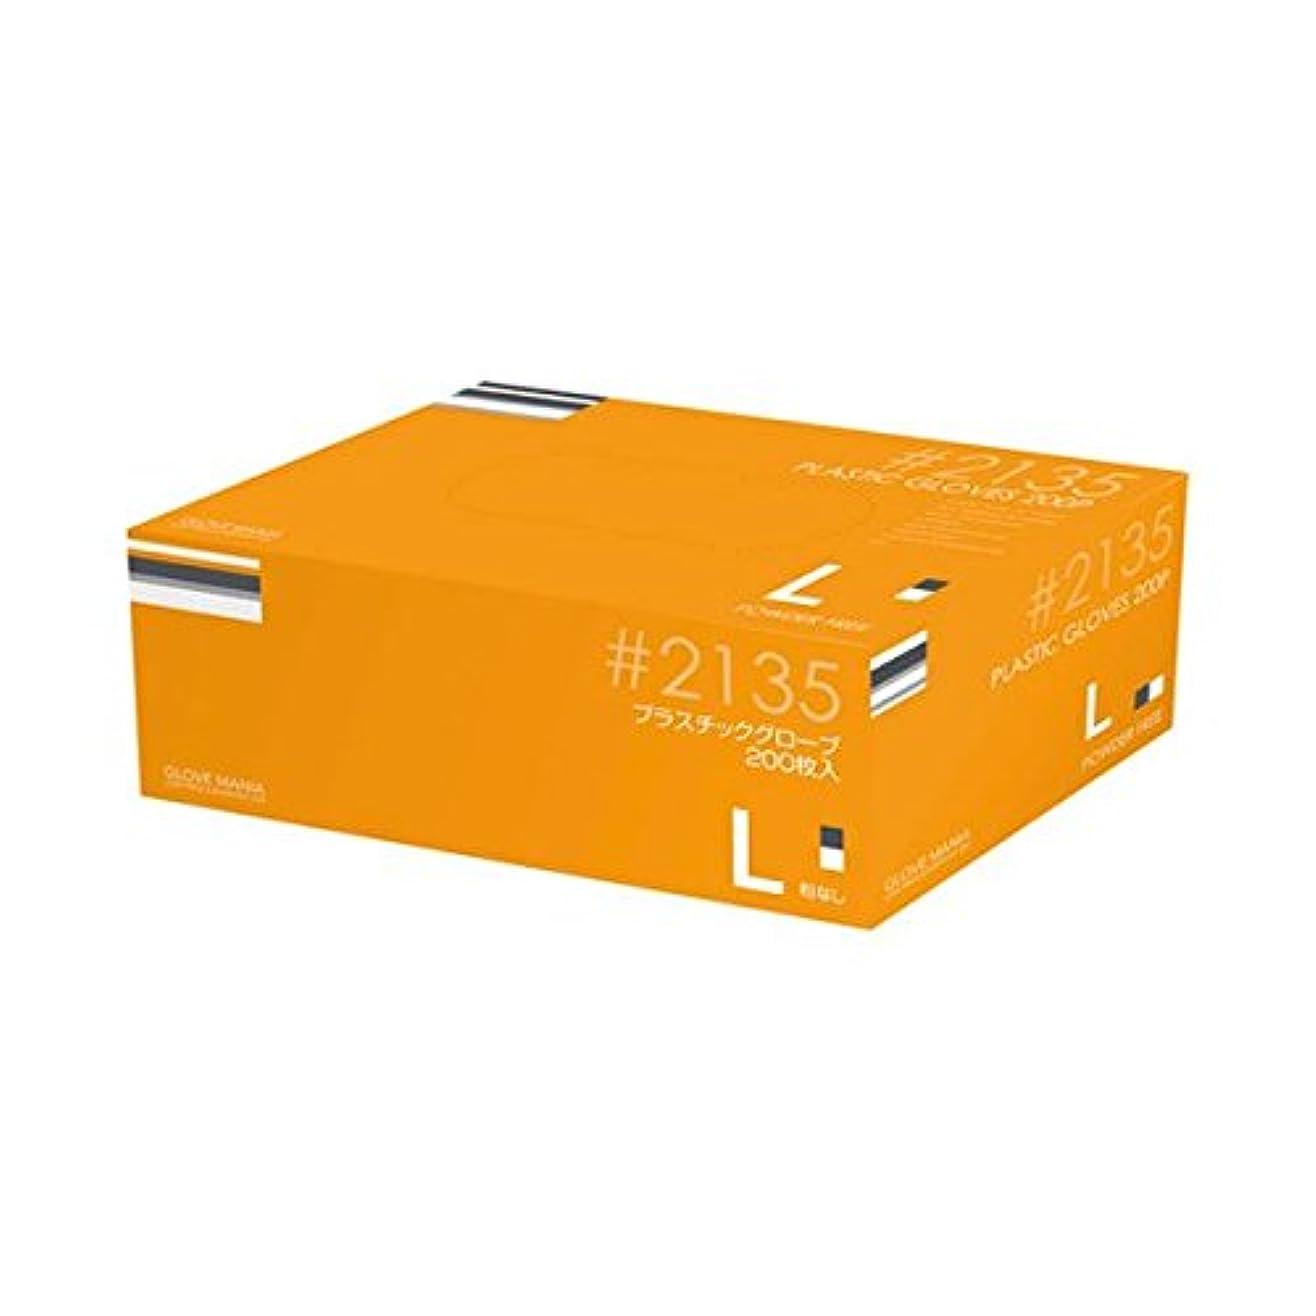 川西工業 プラスチックグローブ #2135 L 粉なし 15箱 ダイエット 健康 衛生用品 その他の衛生用品 14067381 [並行輸入品]